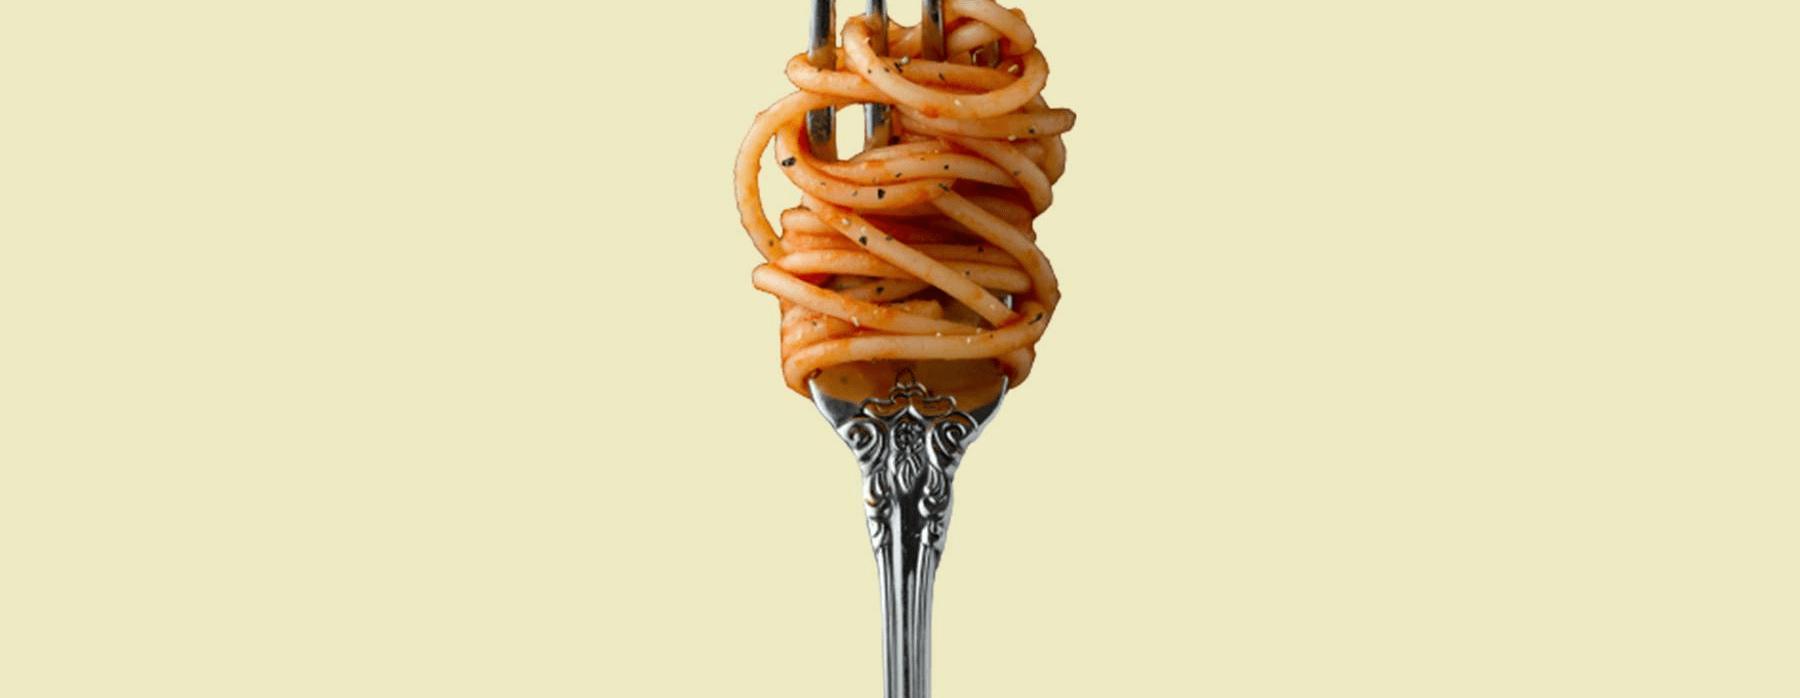 Ansiedad por comer: qué es, causas y cómo controlarla - Featured image